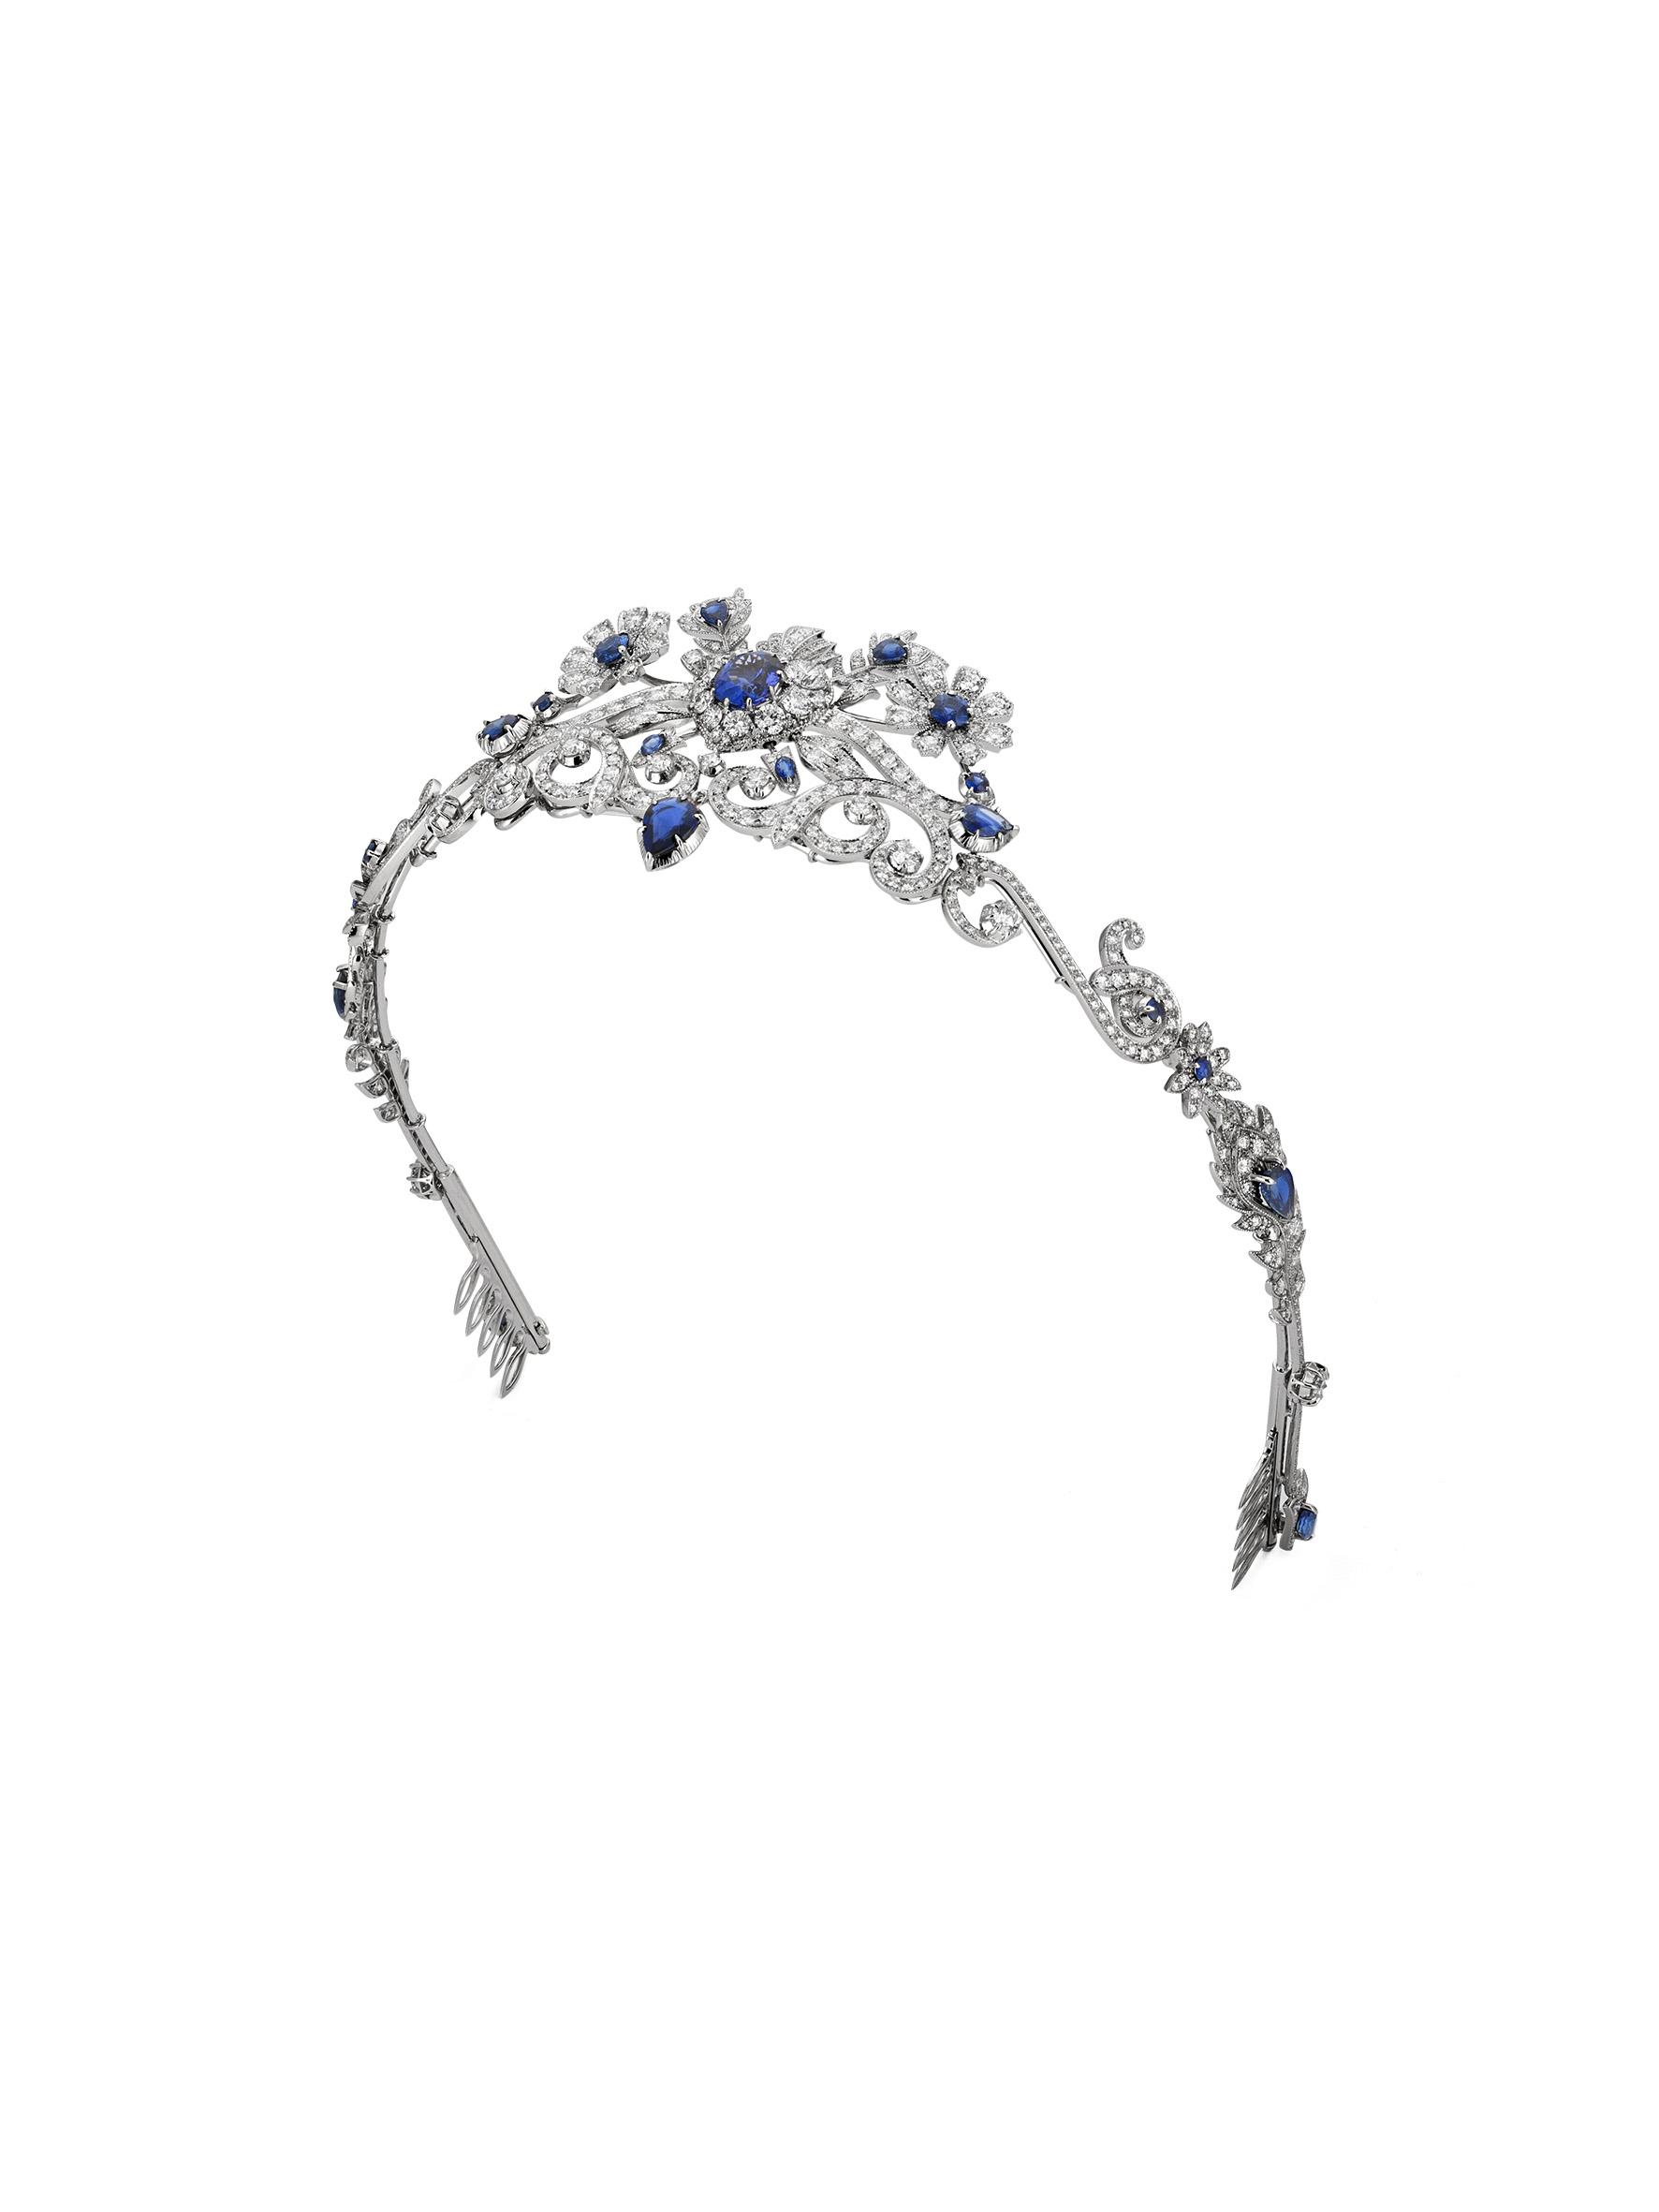 """""""Hortus Deliciarum, la premiere collection de haute joaillerie de la maison Gucci"""